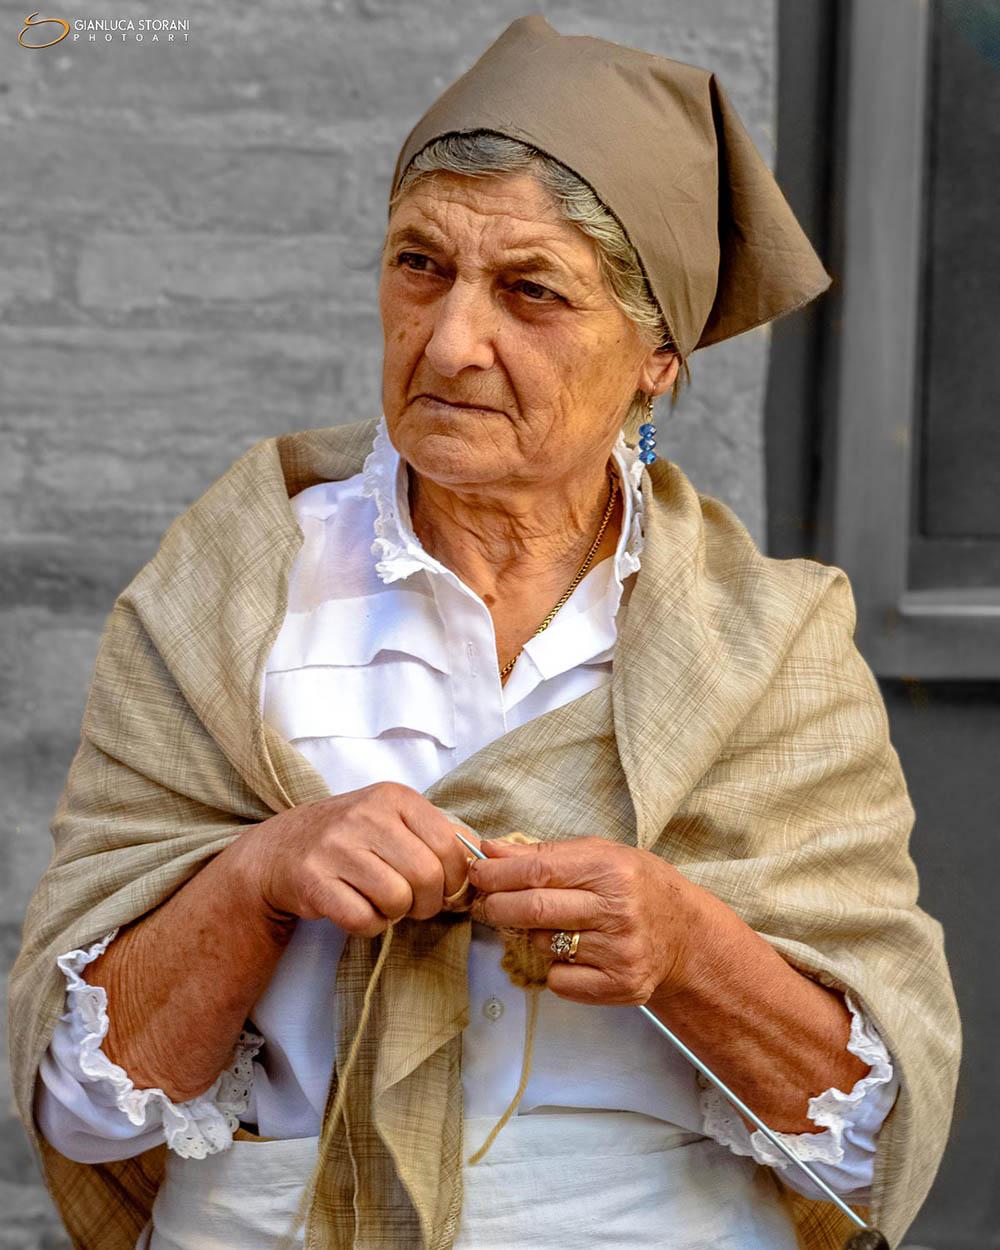 Anziana signora del borgo (ID: 3-9890)